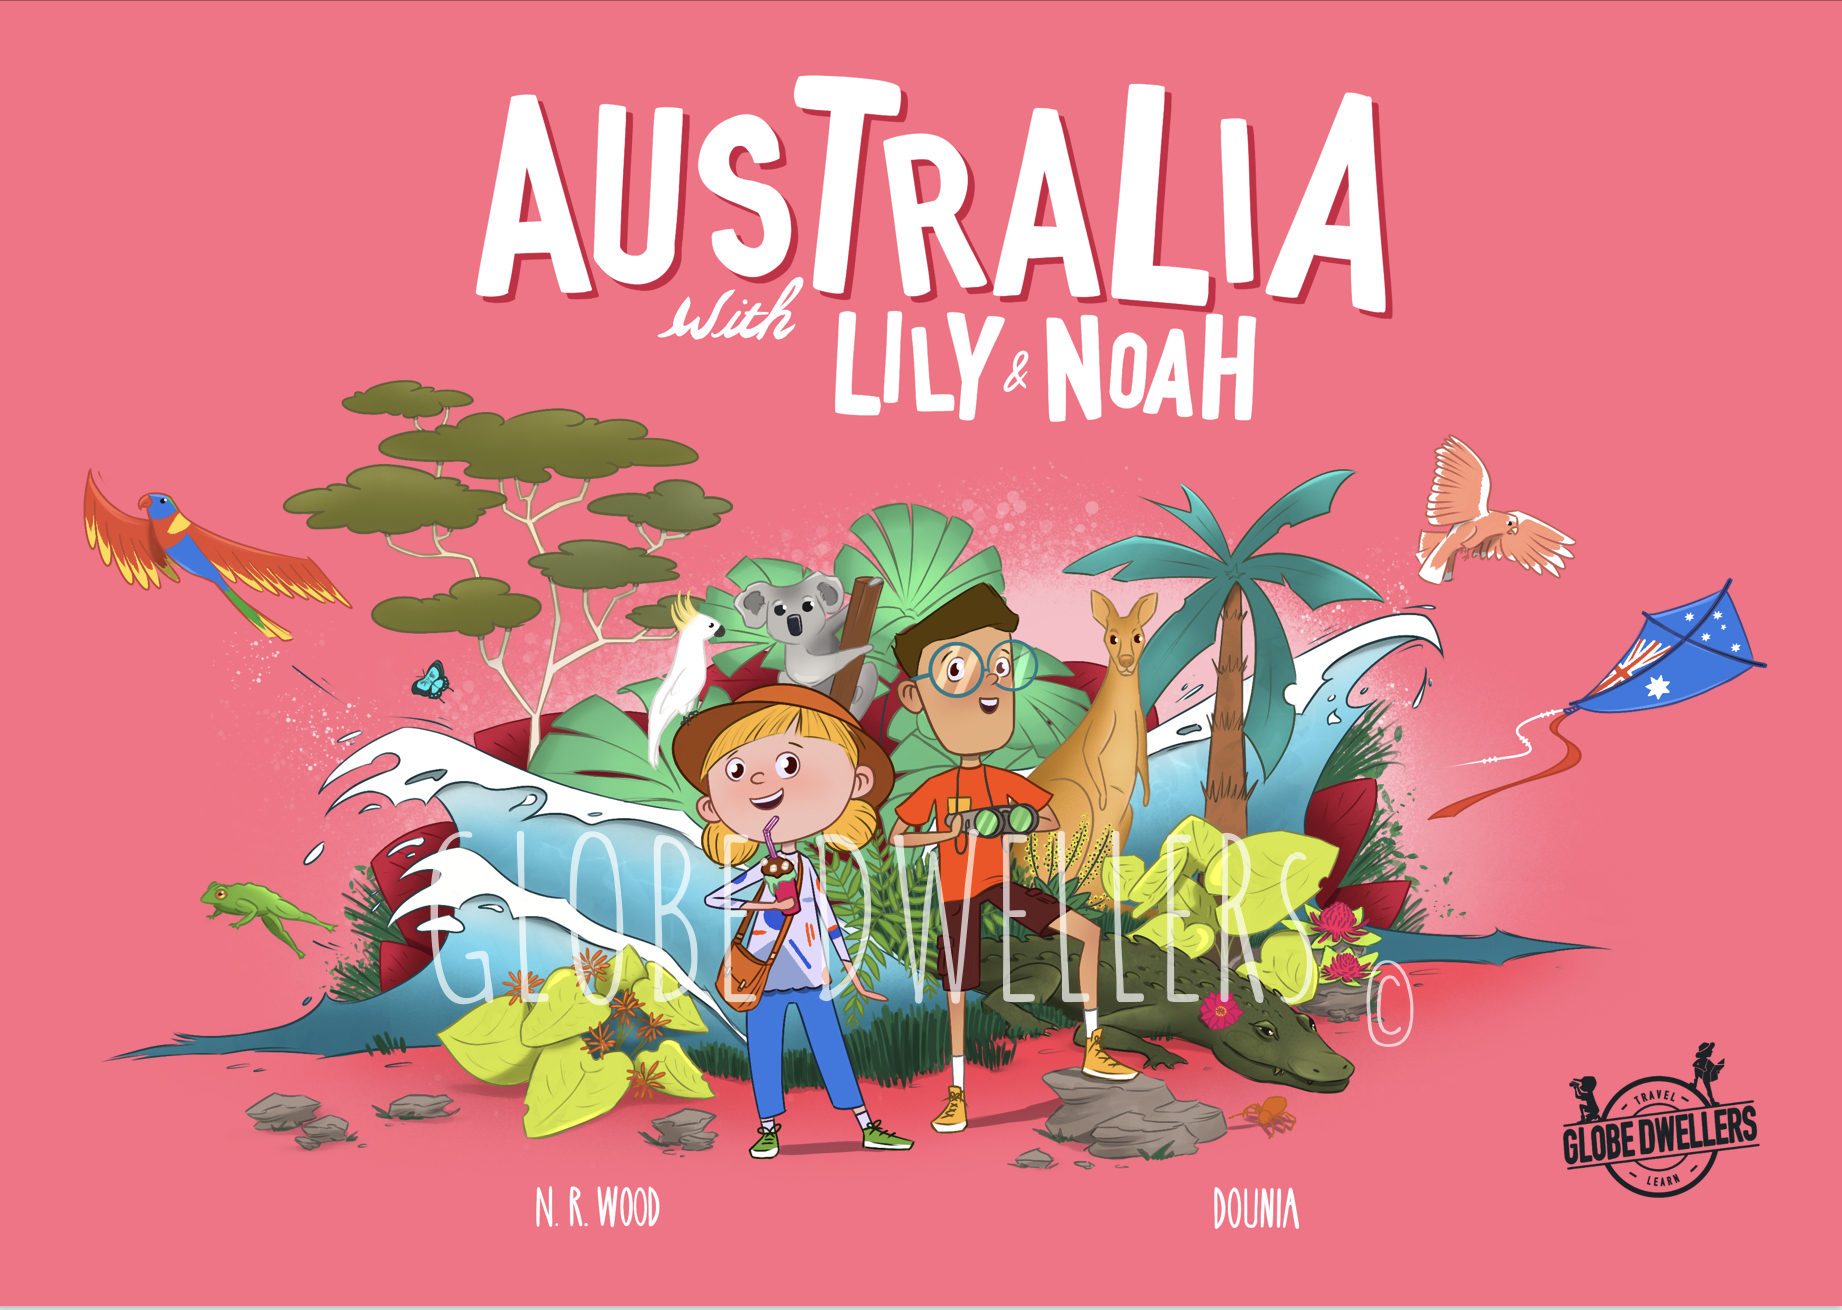 ENFANT-AUSTRALIA-HOMESCHOOLING-ANGLAIS-LEARN